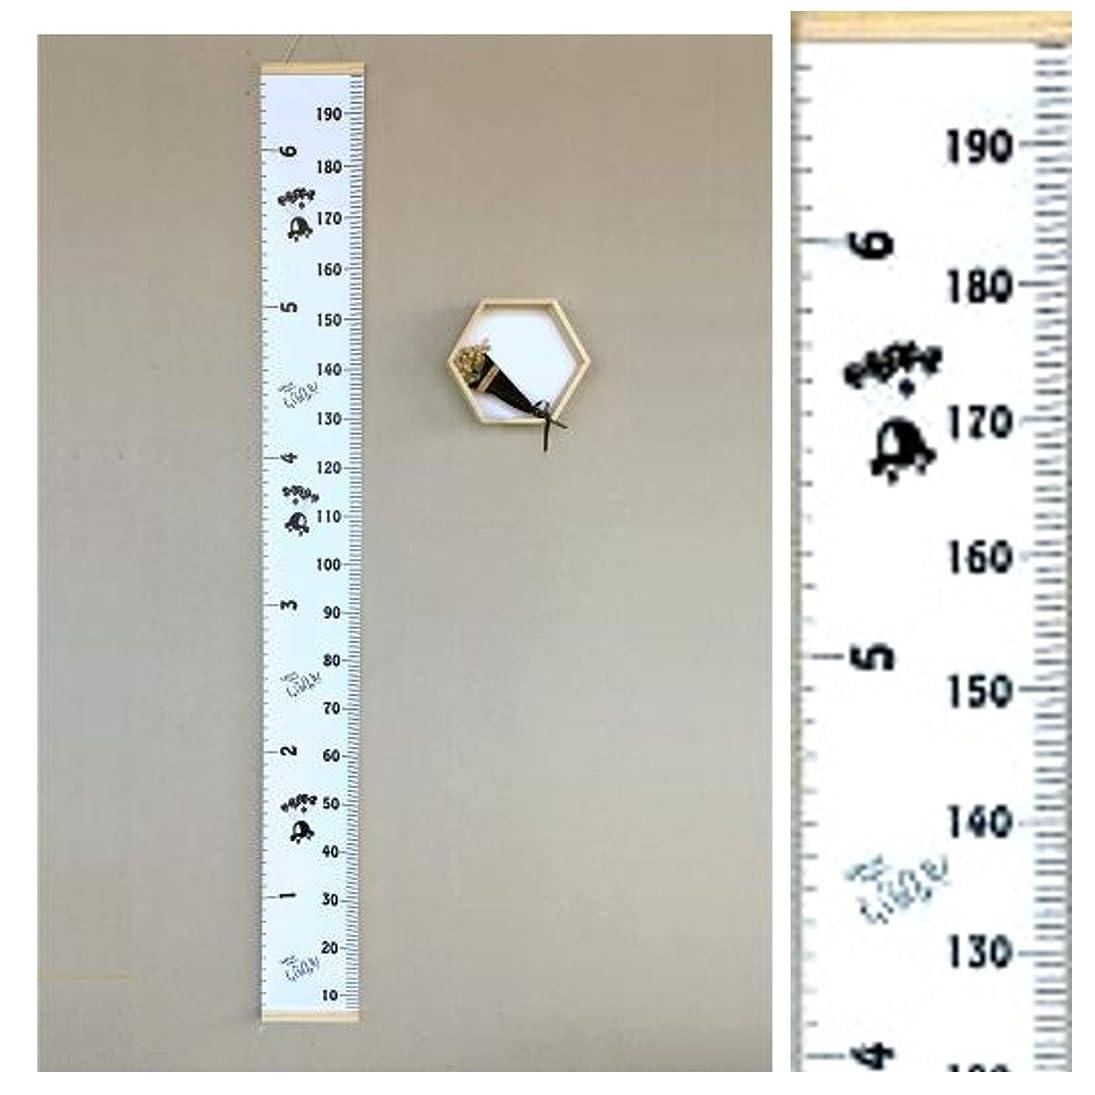 再発するメロディーボール英国製 トールテープ(Talltape) 壁掛け身長計 200cm レギュラー プラスチック製 TTLondon (ロンドン)